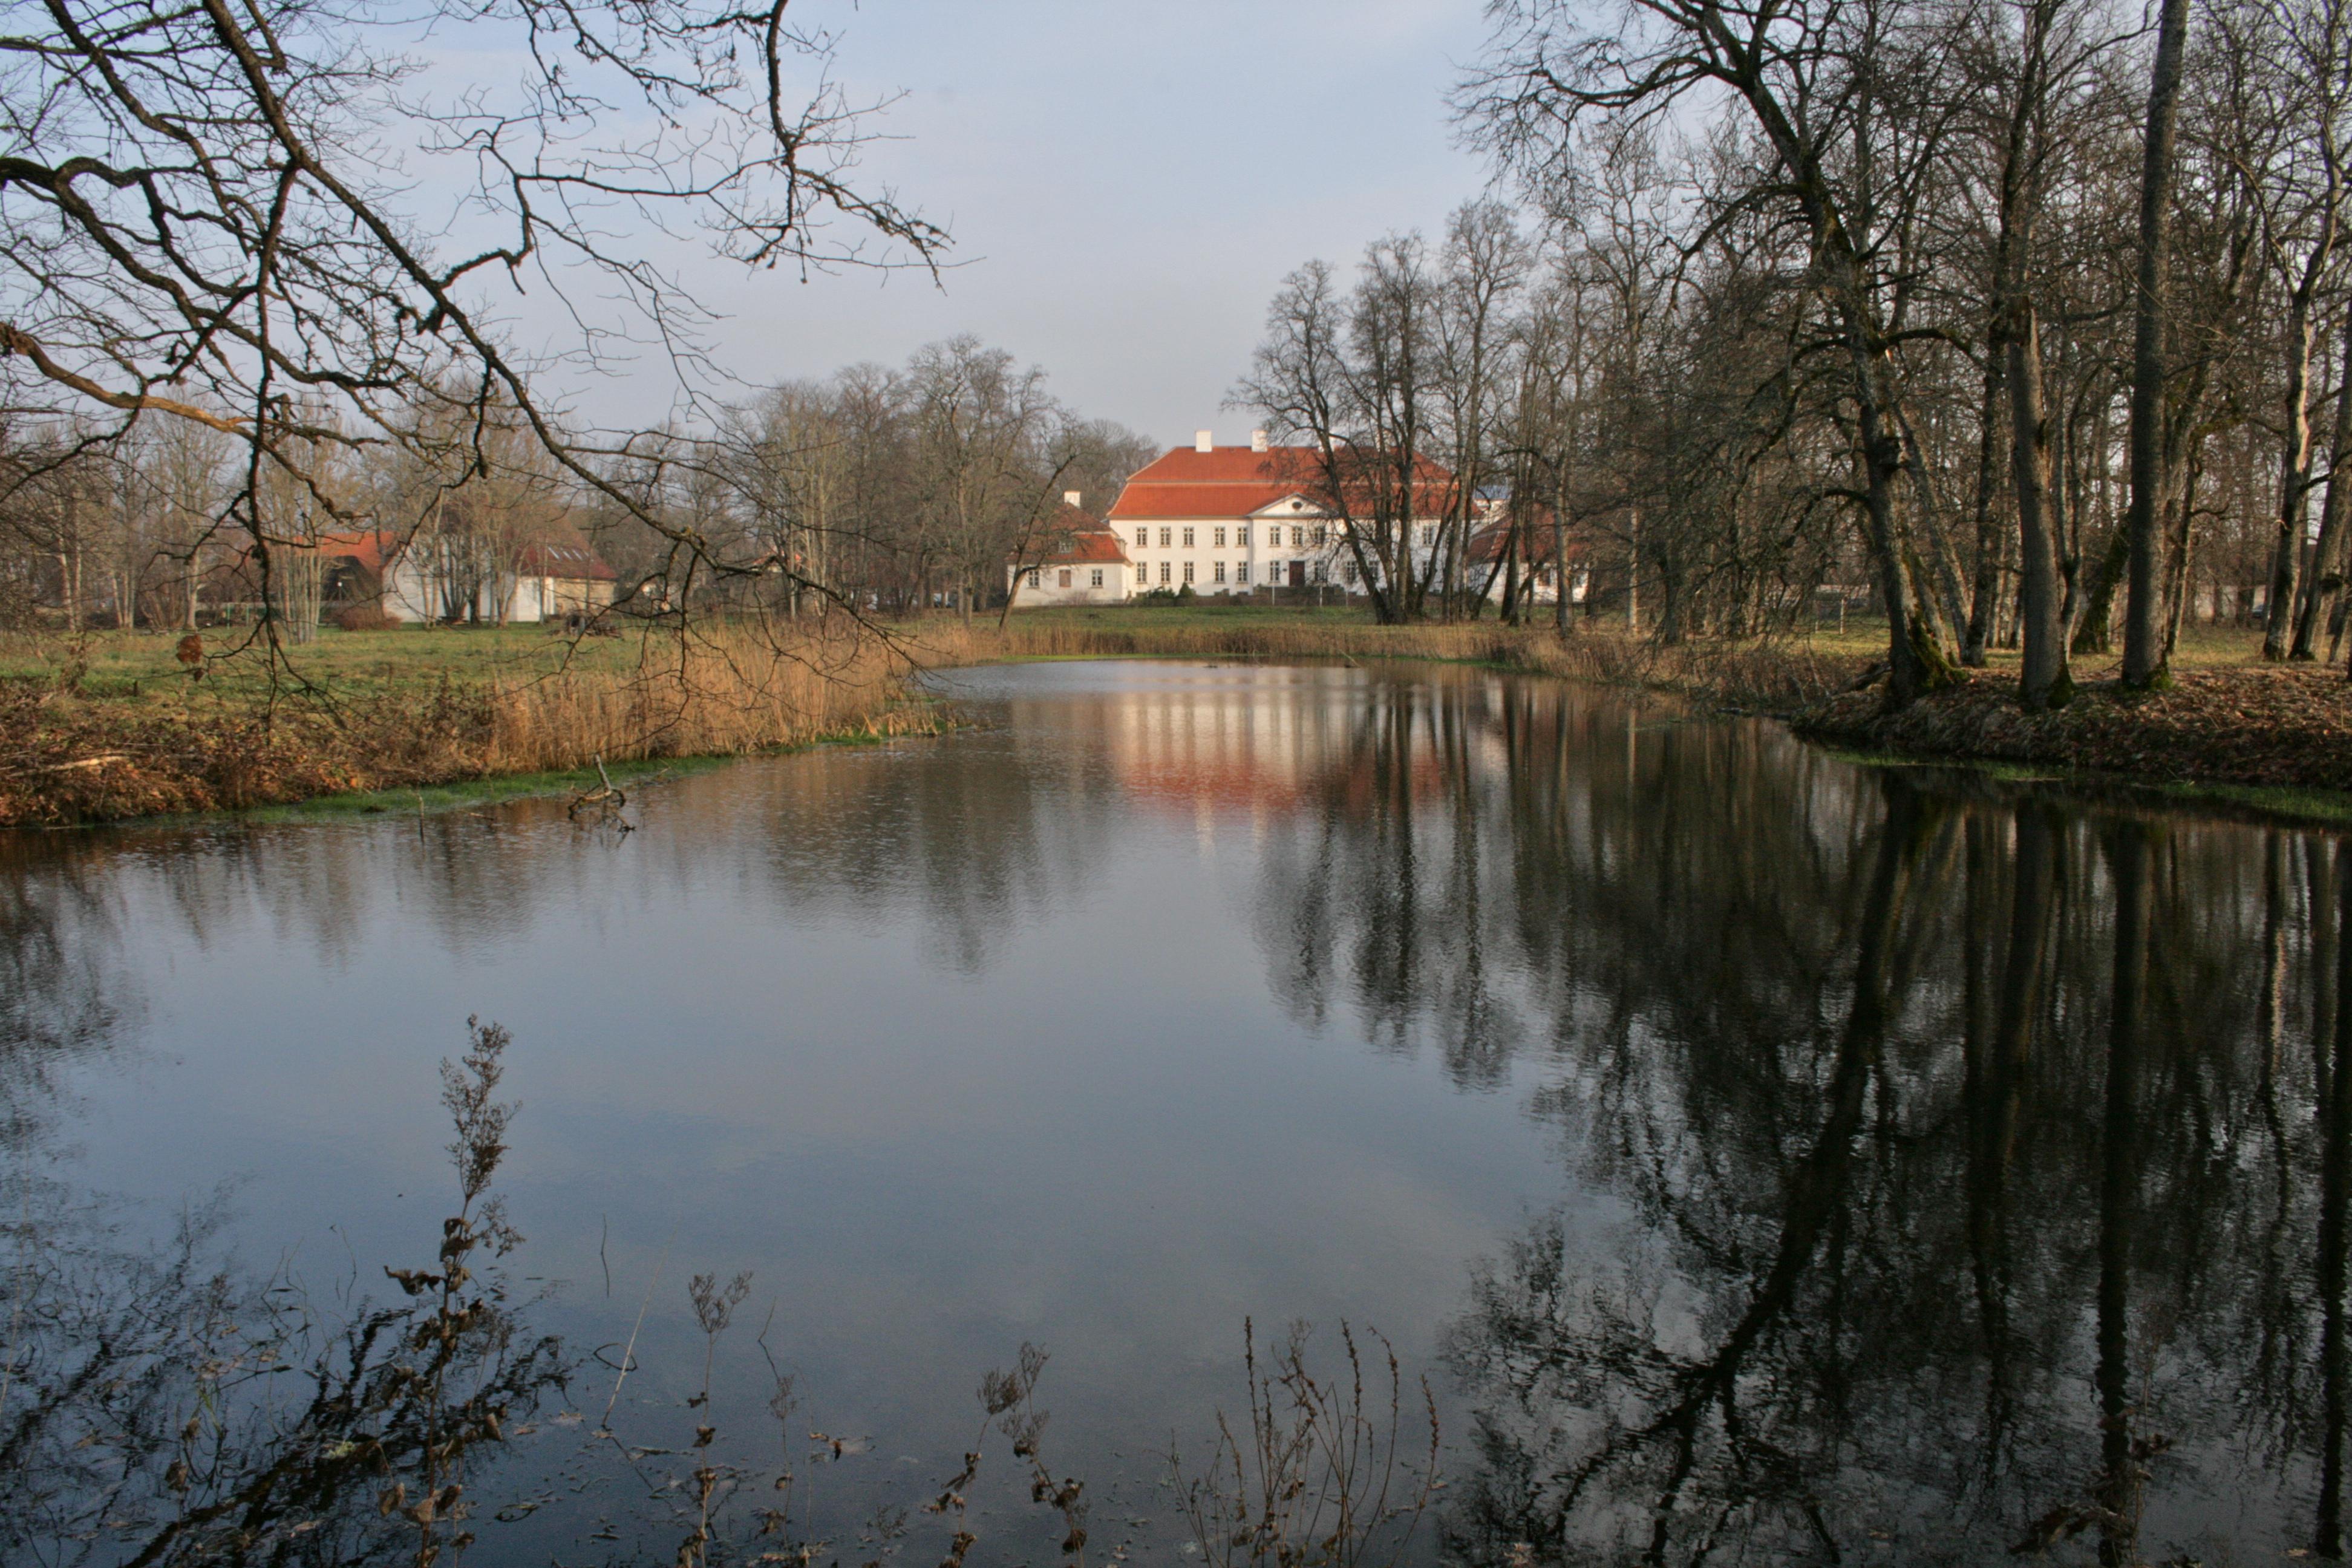 Suuremoisa herregård i Estland. Foto © Kristiina Hellström